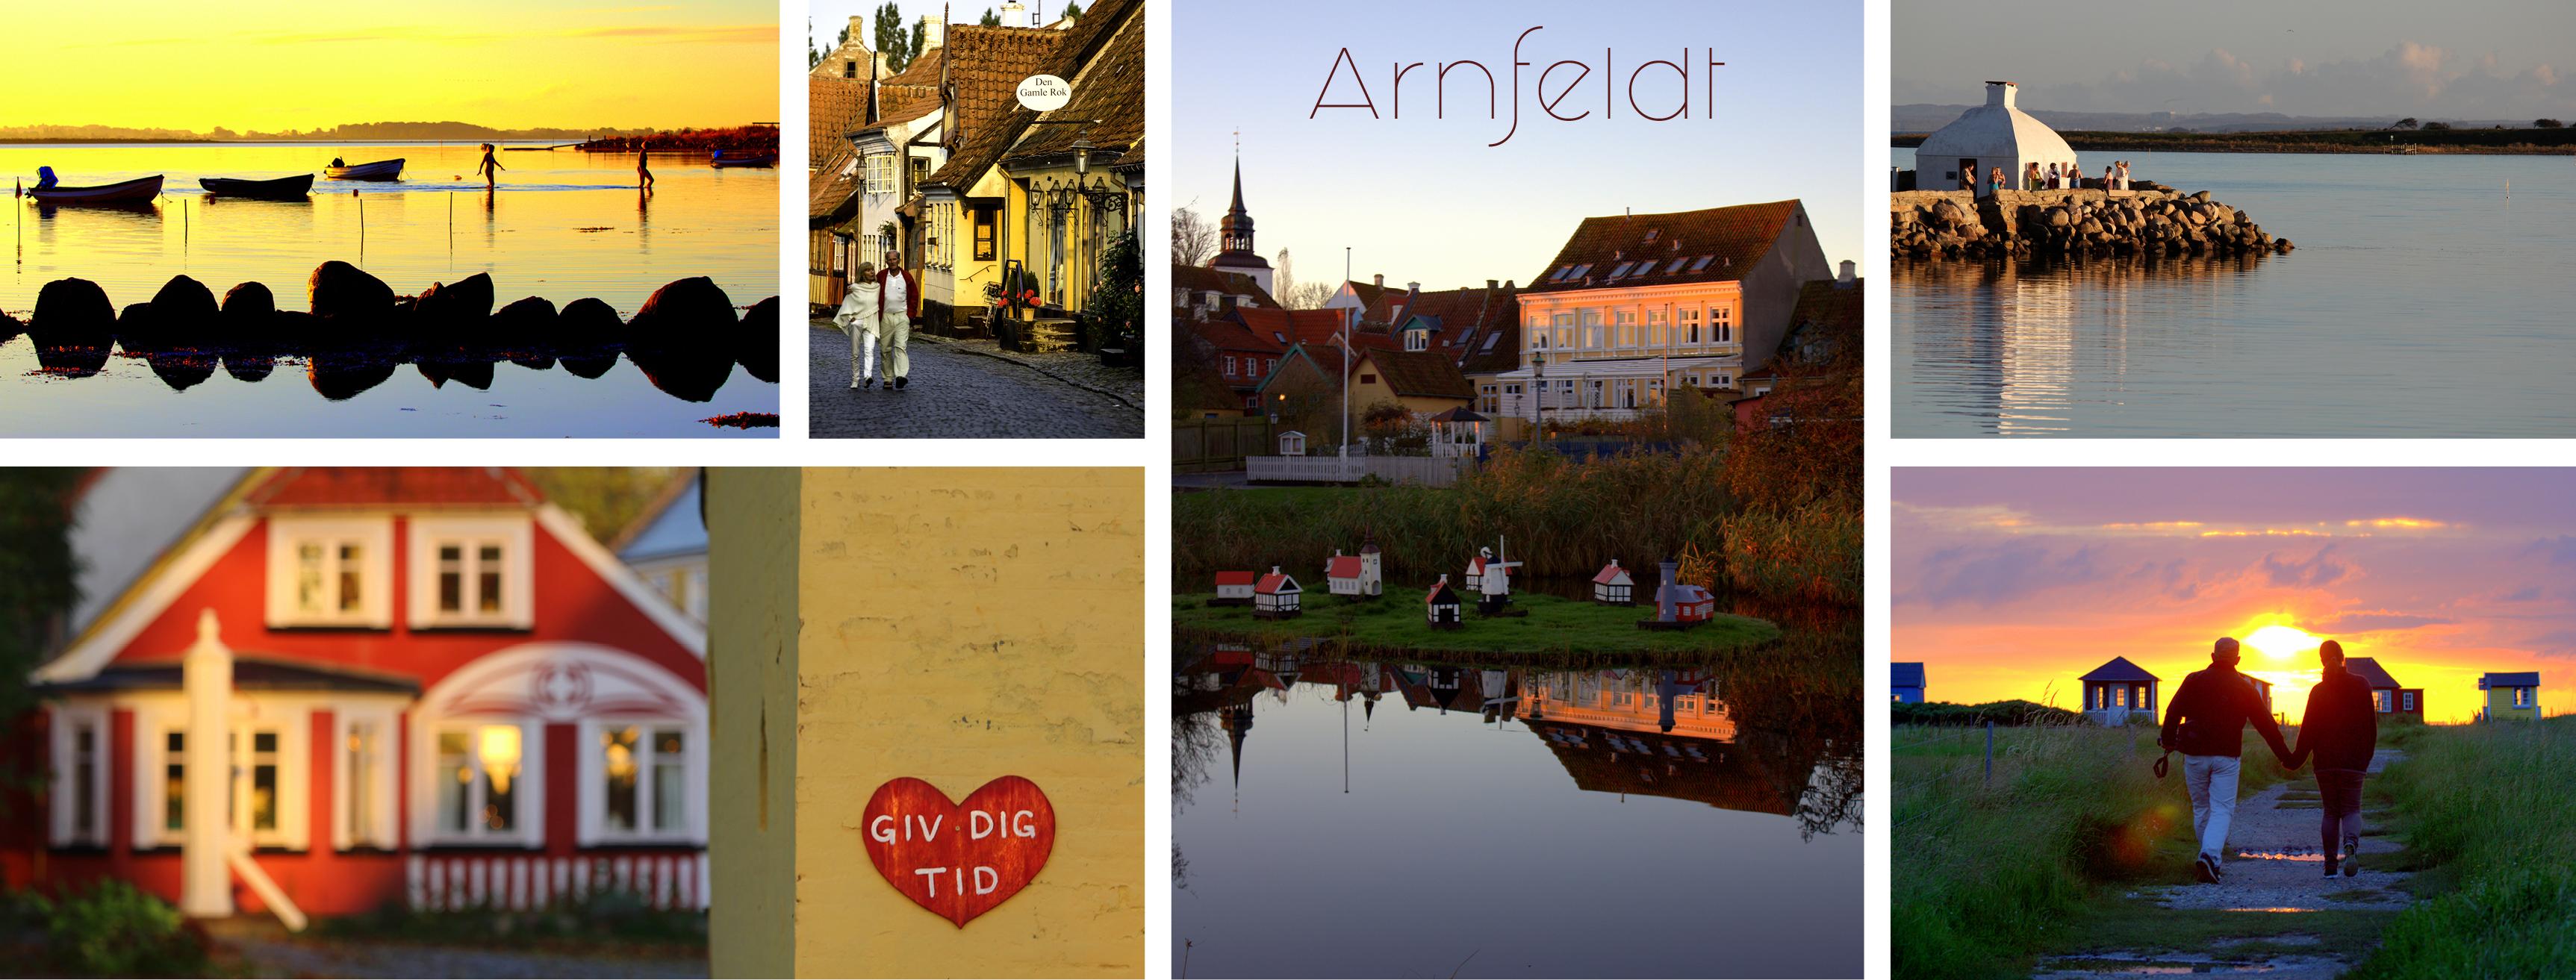 Arnfeldt Hotel & Restaurant, Ærøskøbing, Ærø Danmark